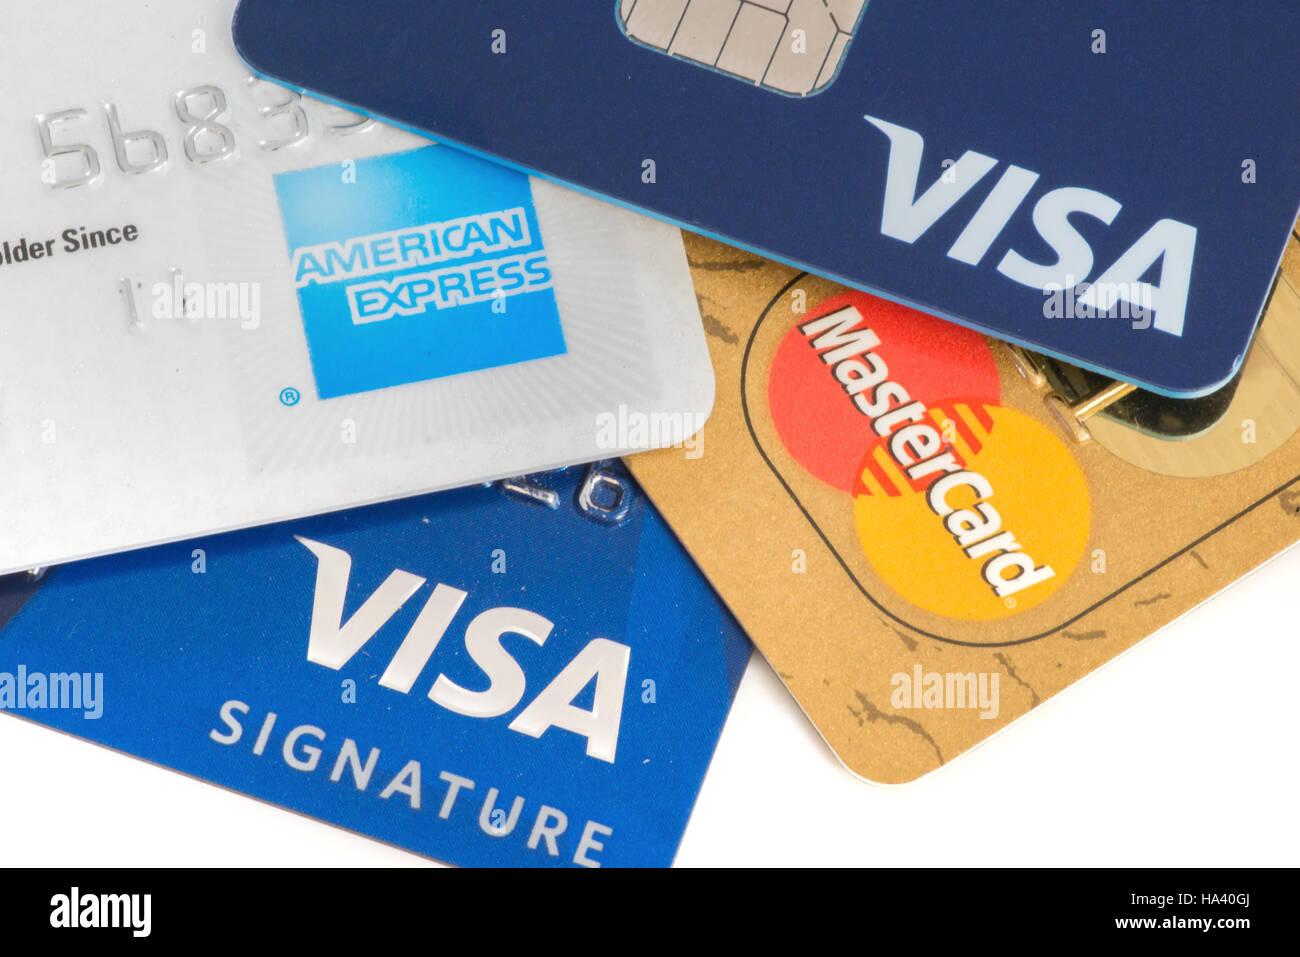 Credit Card Logos Stock Photos & Credit Card Logos Stock ...